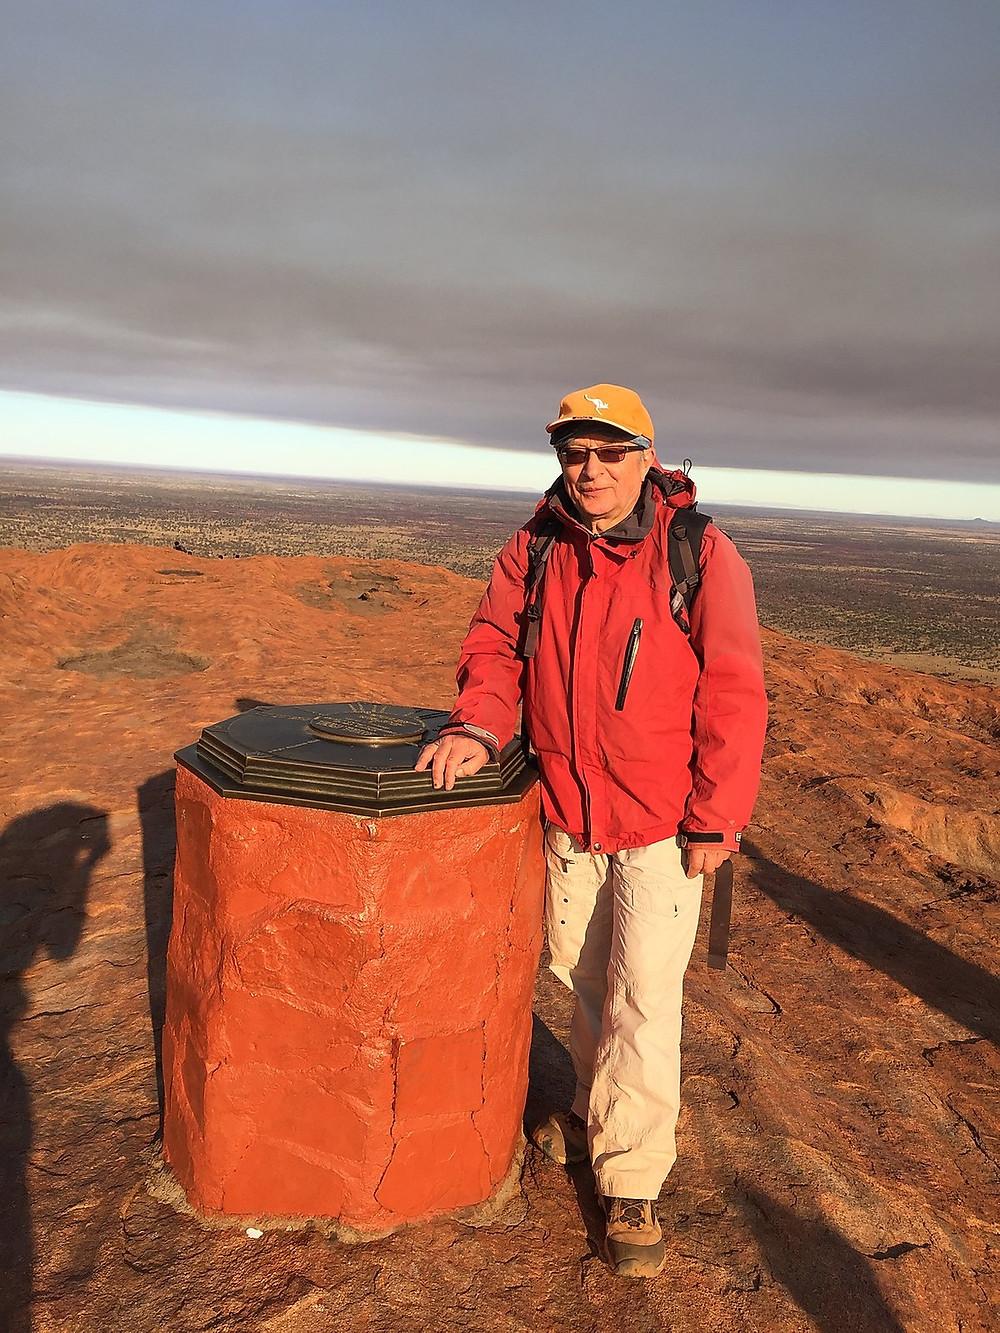 Вершина Улуру — Улуру — Красный центр Австралии — Блог о путешествиях Сергея Чеботова